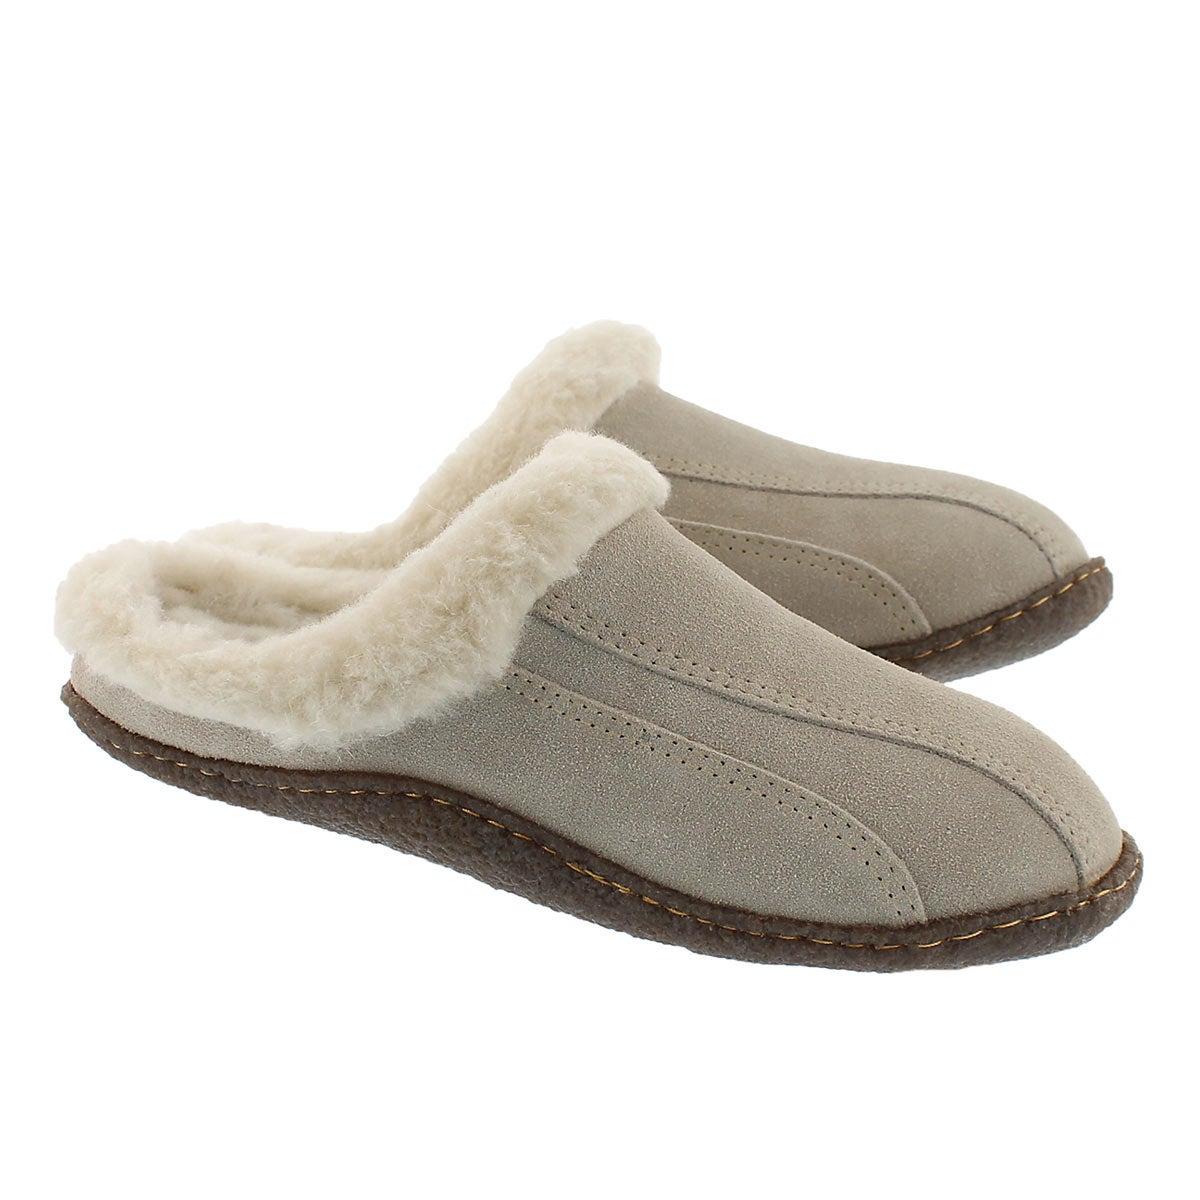 Lds Galaxie III sand open back slipper